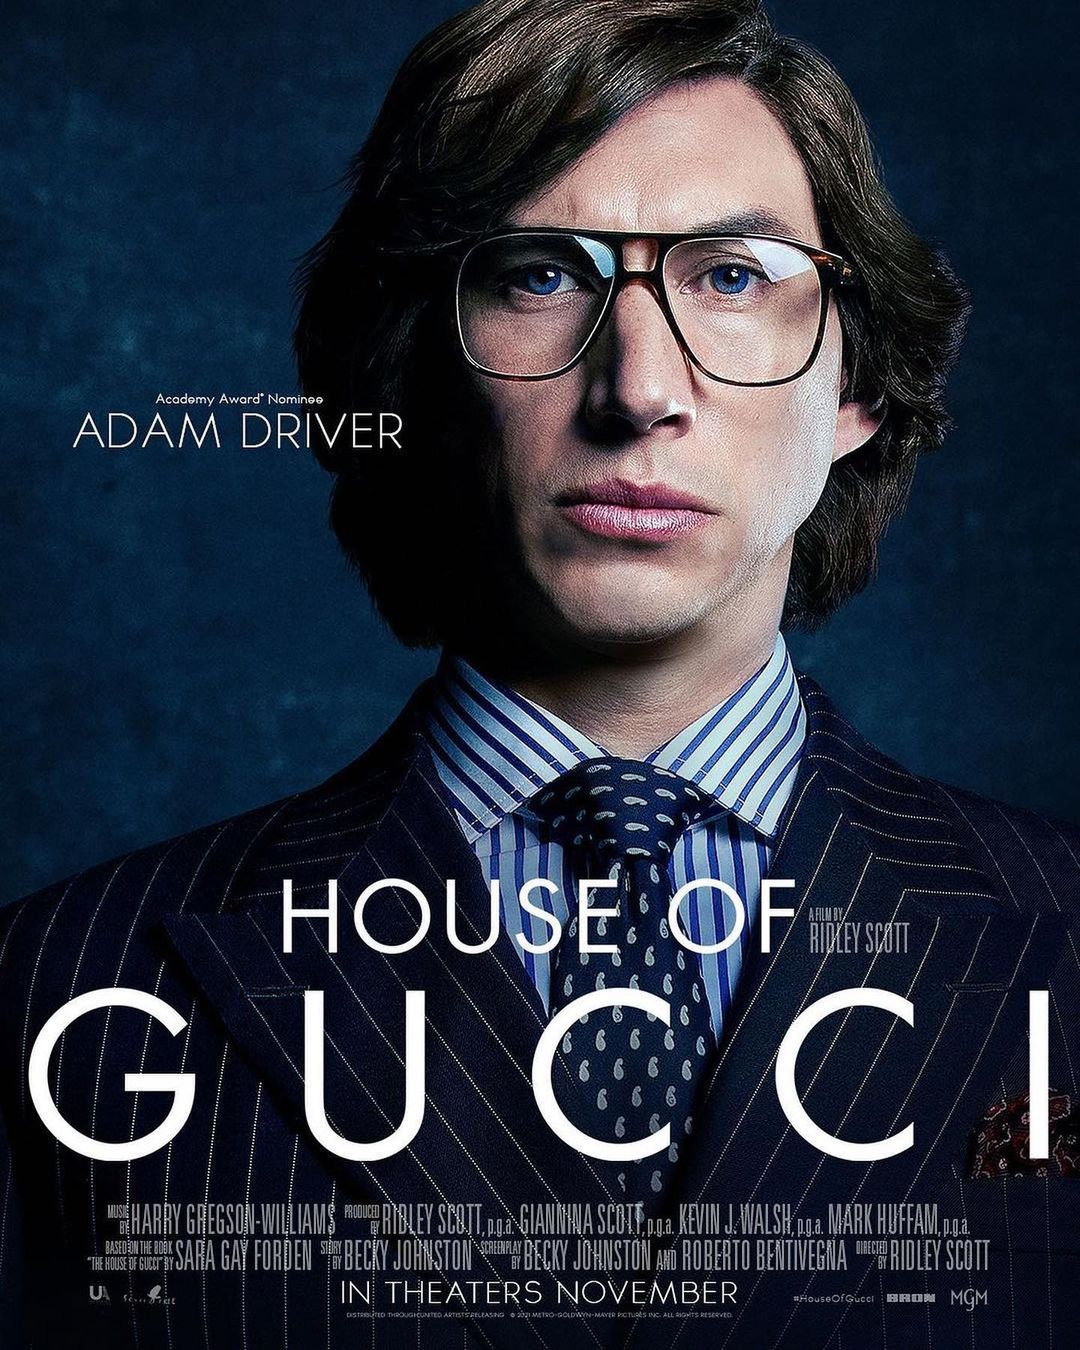 Леди Гага, Адам Драйвер и Джаред Лето в трейлере фильма «Дом Гуччи»